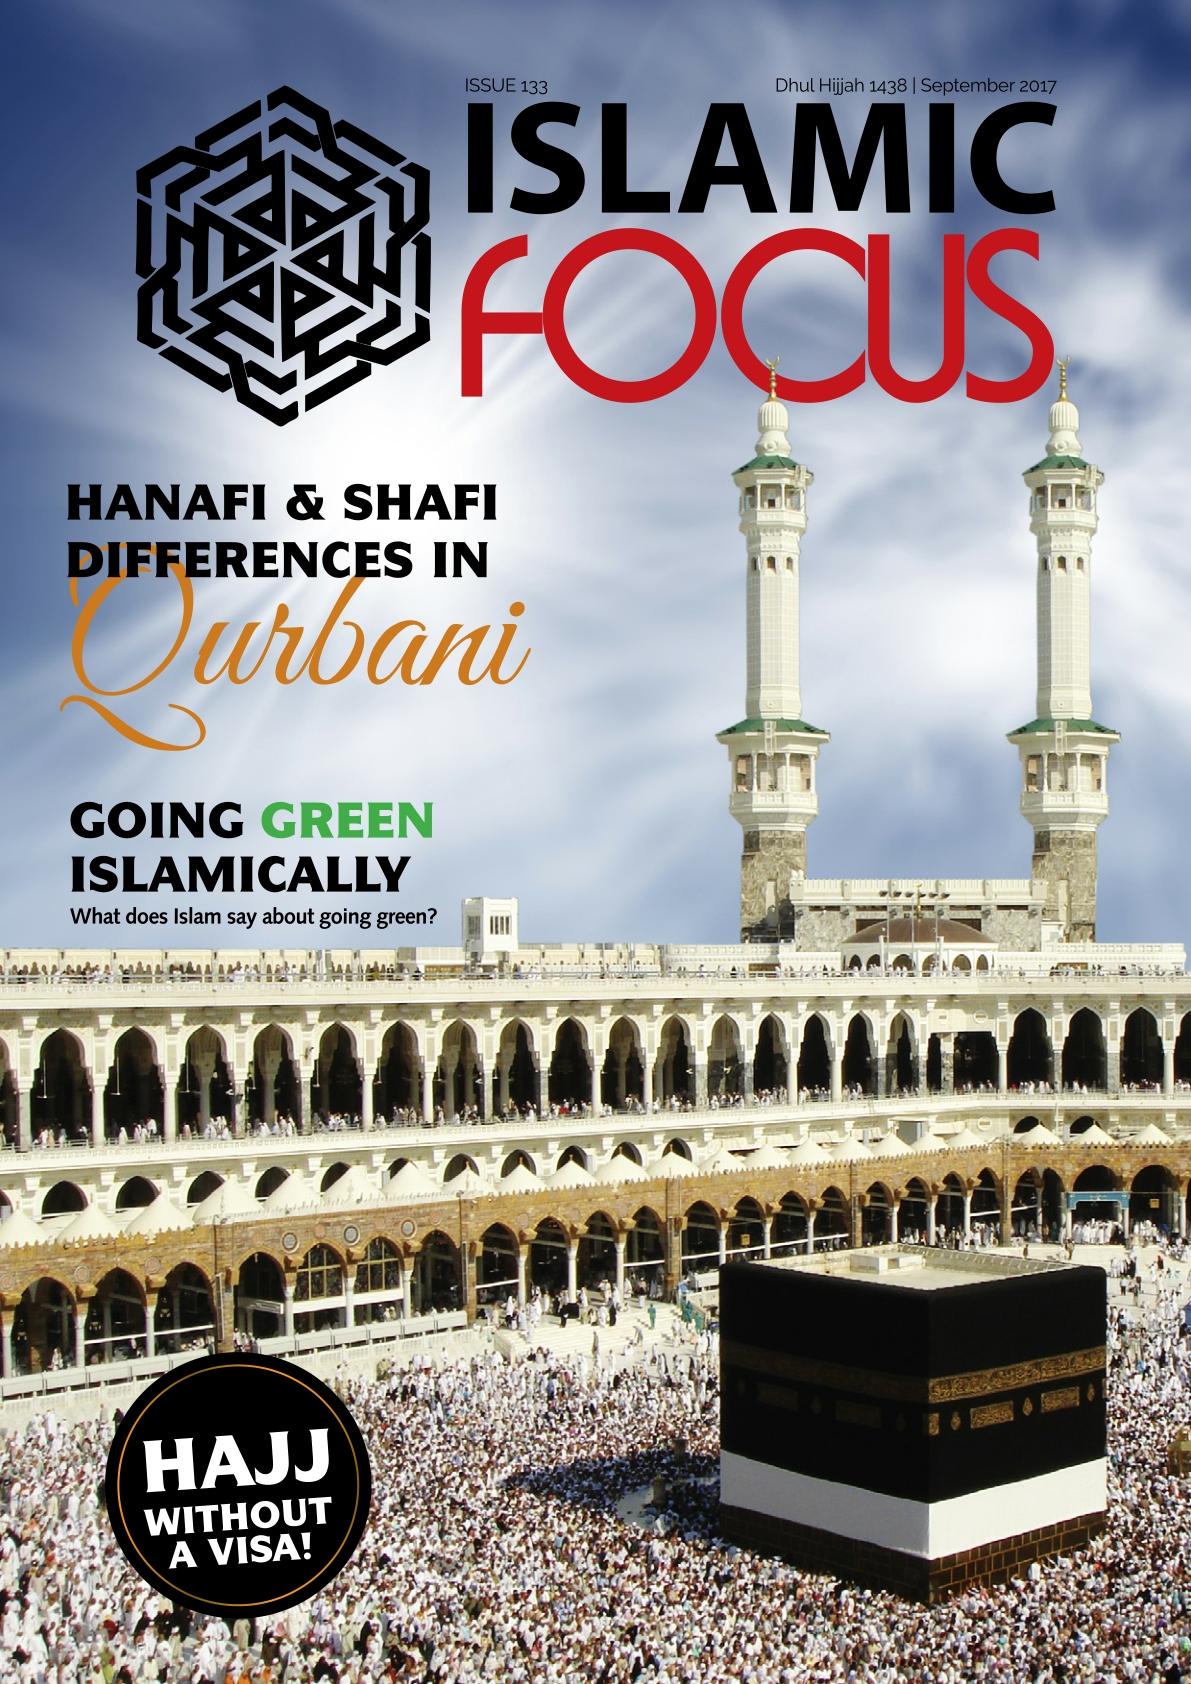 Islamic Focus Issue 133